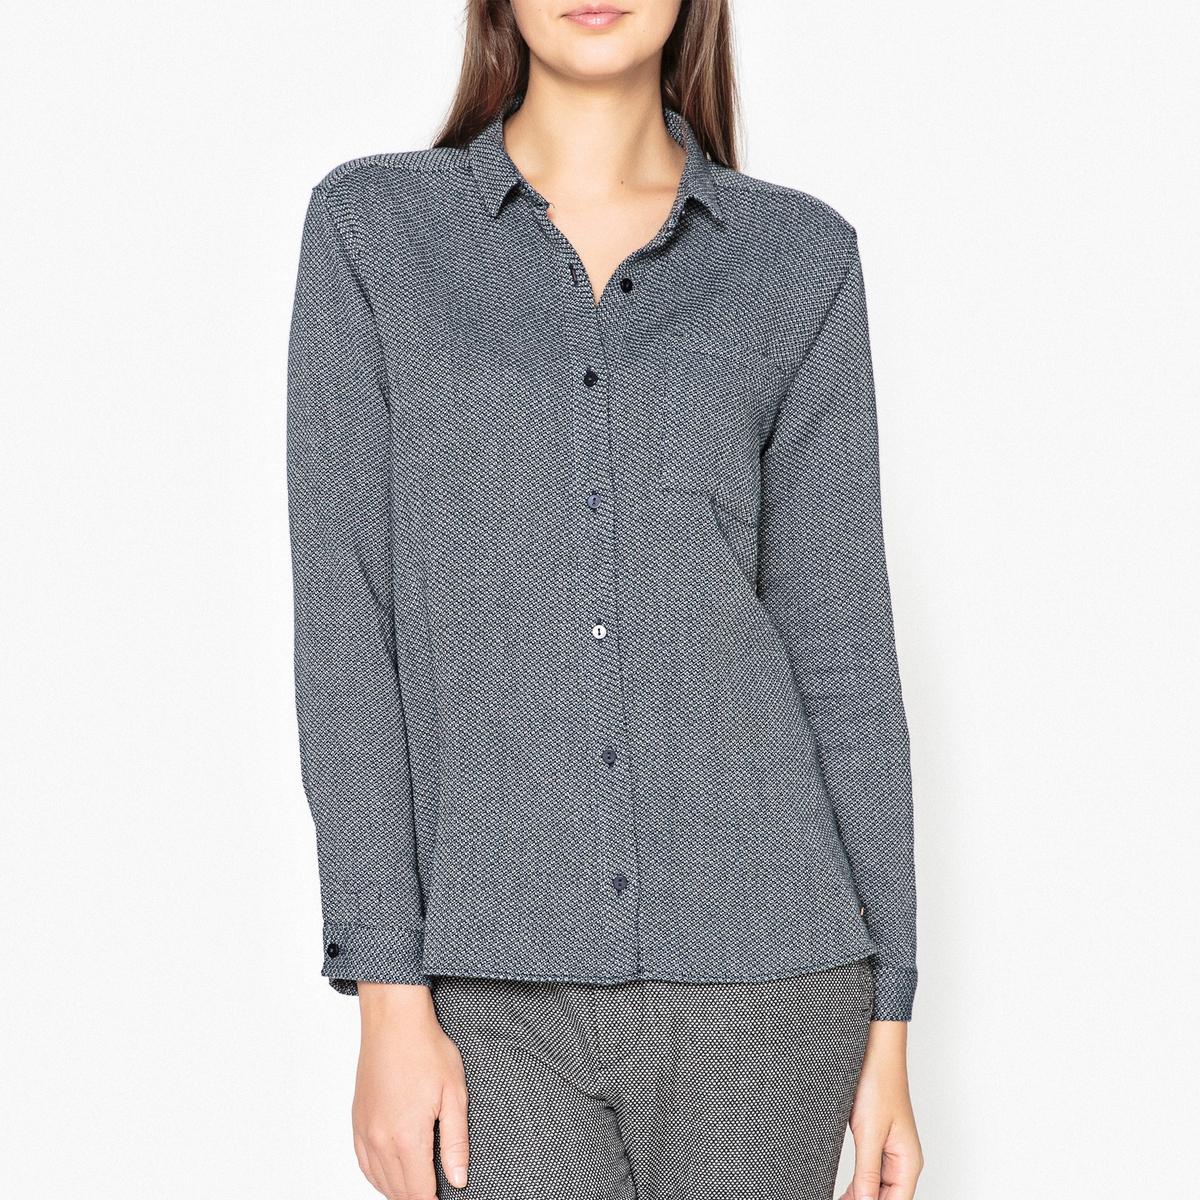 Рубашка из 100% хлопка CASILEРубашка с длинными рукавами HARRIS WILSON - модель CASILDE из жаккардовой двухцветной ткани из 100% хлопка.Описание •  Длинные рукава  •  Прямой покрой  •  Воротник-поло, рубашечный Состав и уход •  100% хлопок  •  Следуйте рекомендациям по уходу, указанным на этикетке изделия   •  Карман на груди •  Манжеты на пуговицах •  Низ слегка закругленный •  Складки сзади.Характеристики<br><br>Цвет: синий/ белый<br>Размер: S.размерXL.M